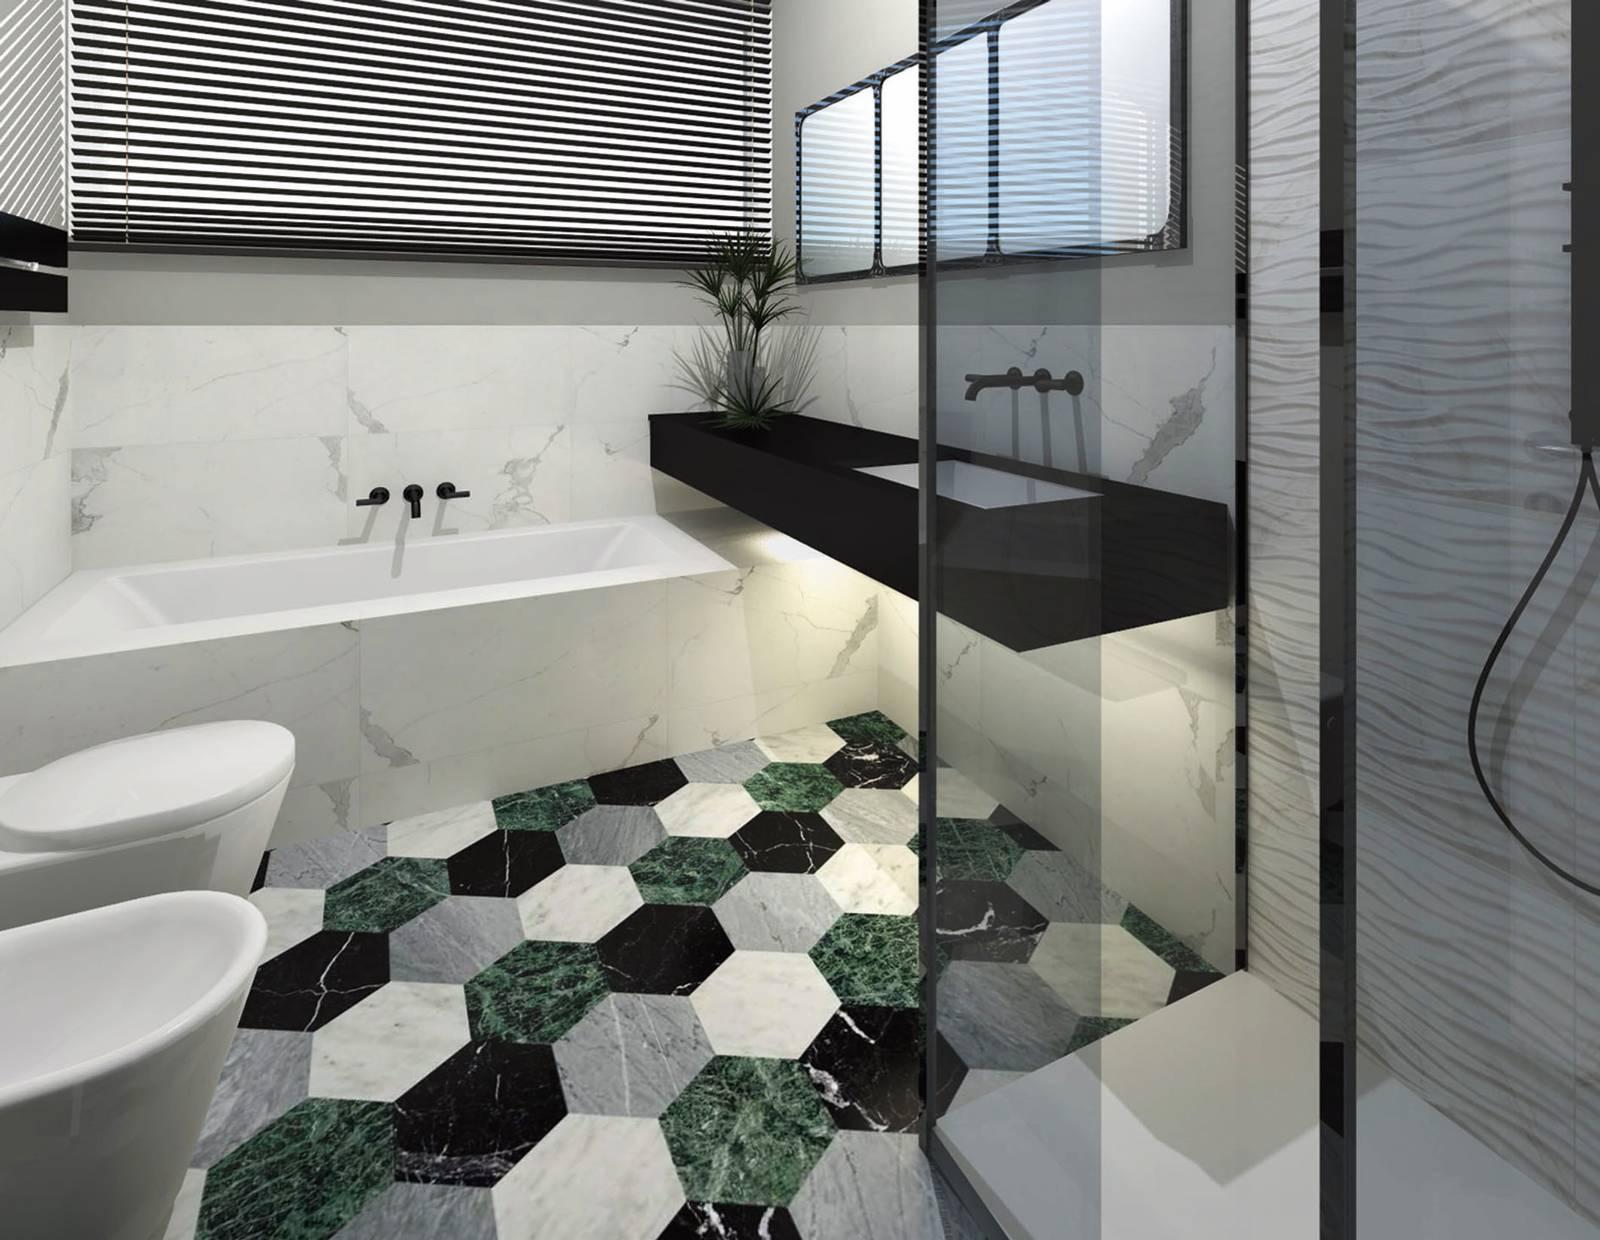 Nuovo bagno con decorazioni effetto marmo ed ampio bxo in